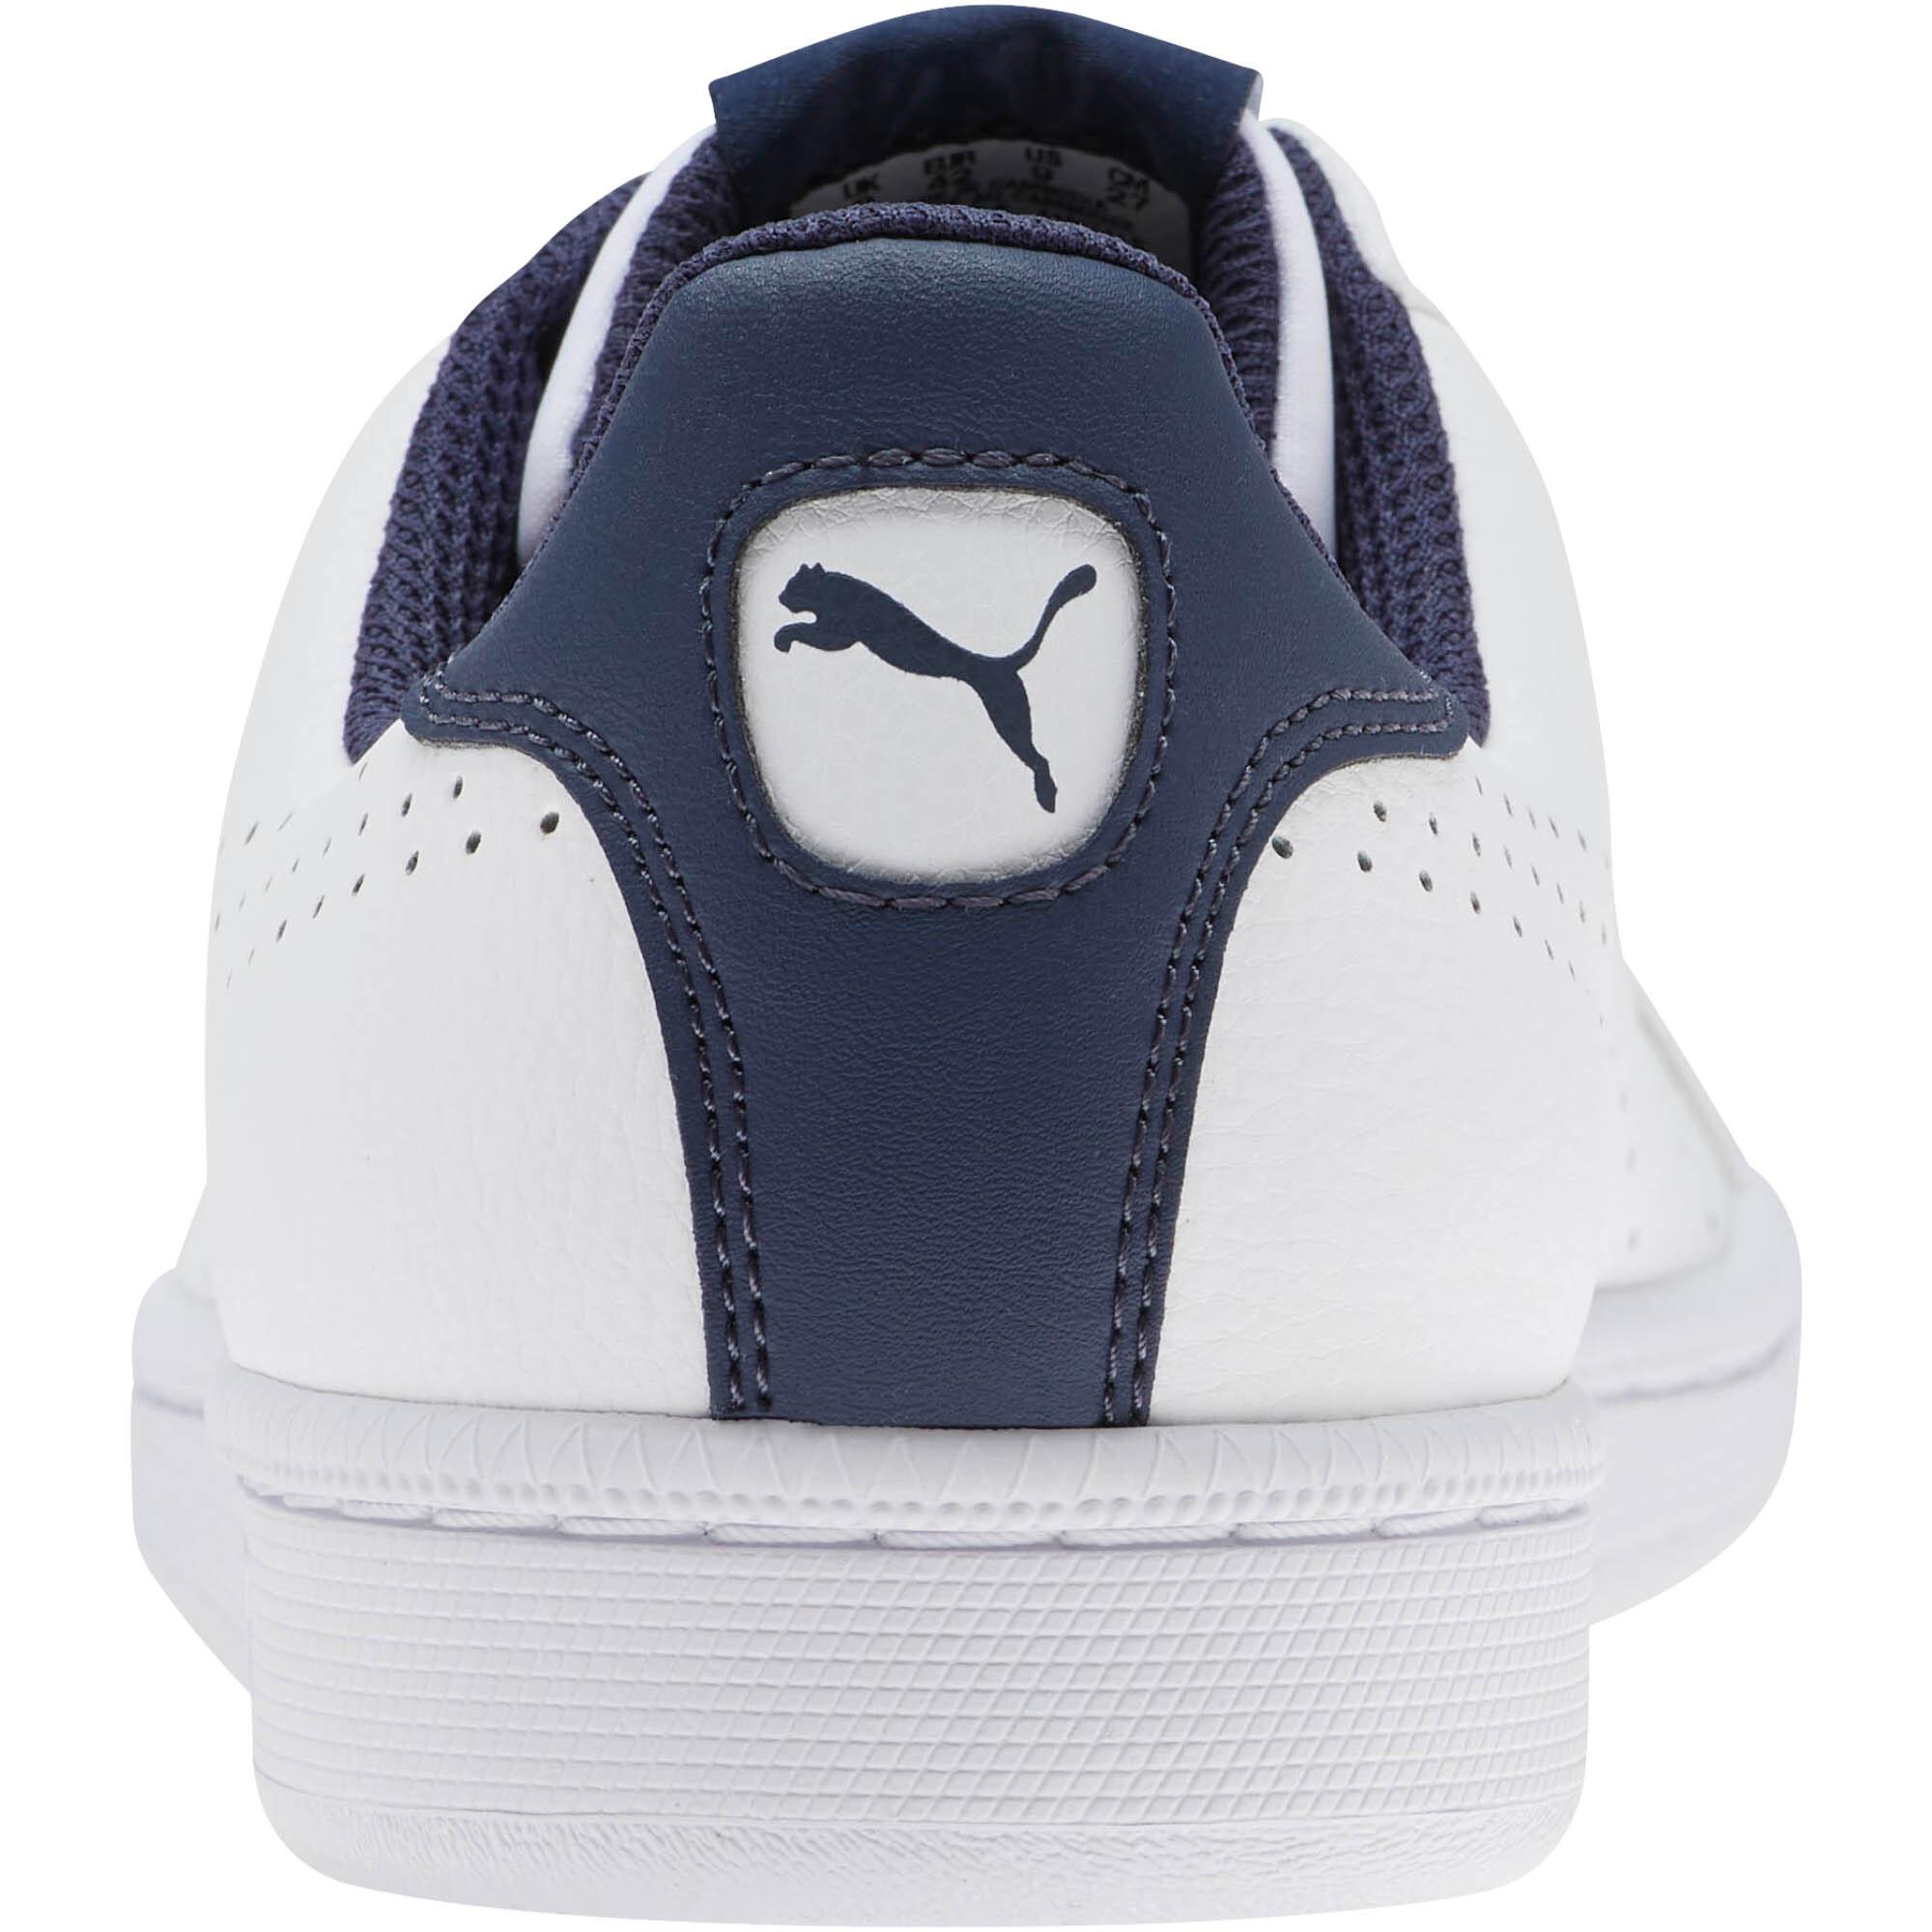 PUMA-PUMA-Smash-Perf-Men-039-s-Sneakers-Men-Shoe-Basics thumbnail 3